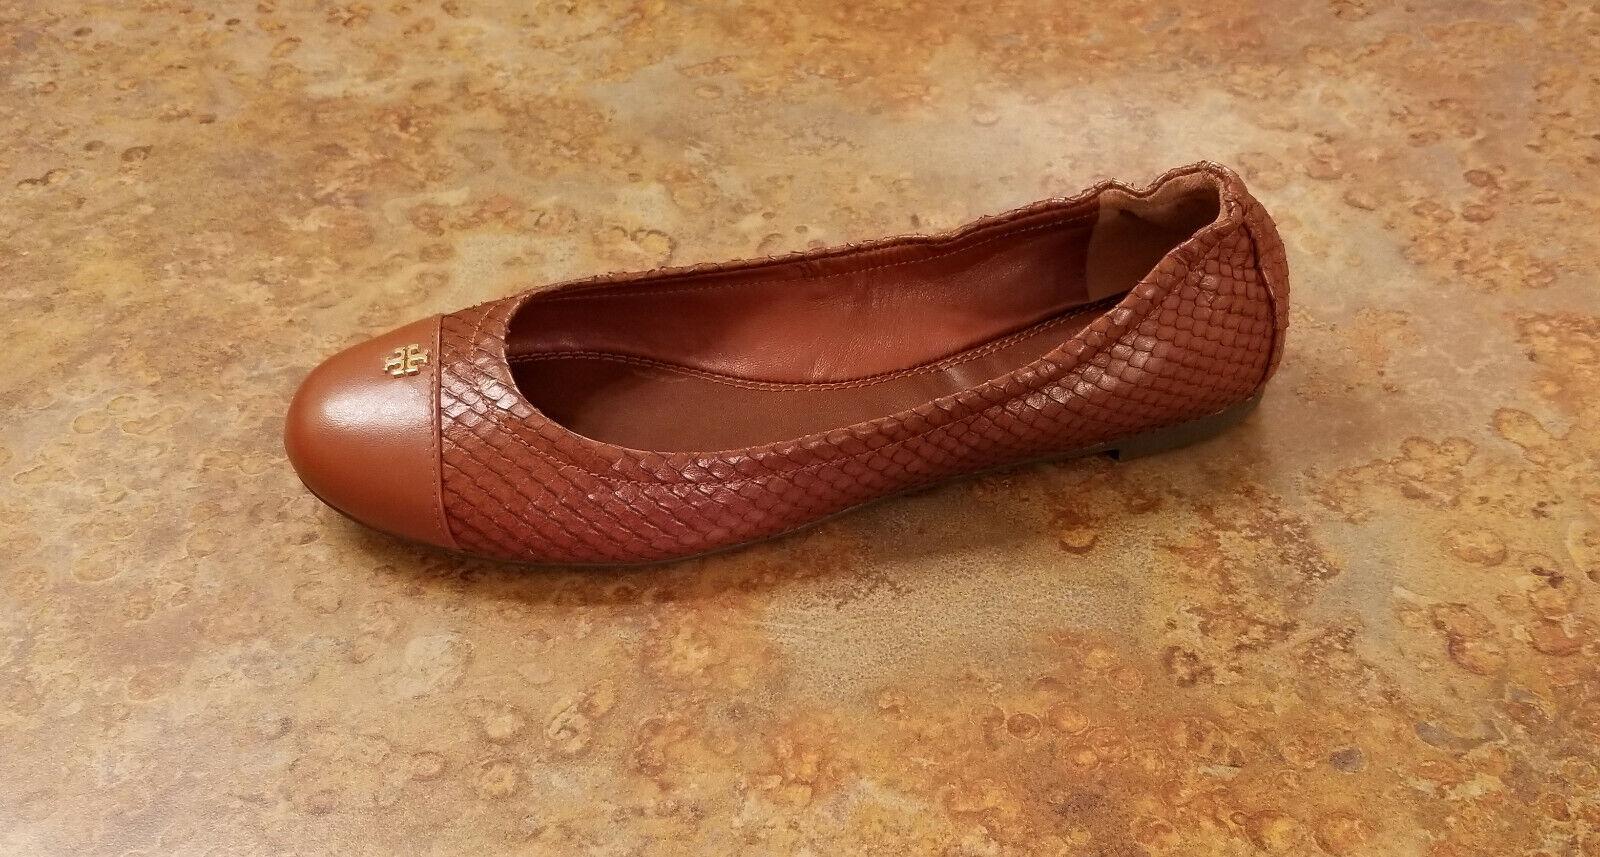 l'intera rete più bassa New  Tory Burch 'York' Snake Ballet Flats Marrone Leather Leather Leather donna 7.5 M MSRP  228  prezzo ragionevole